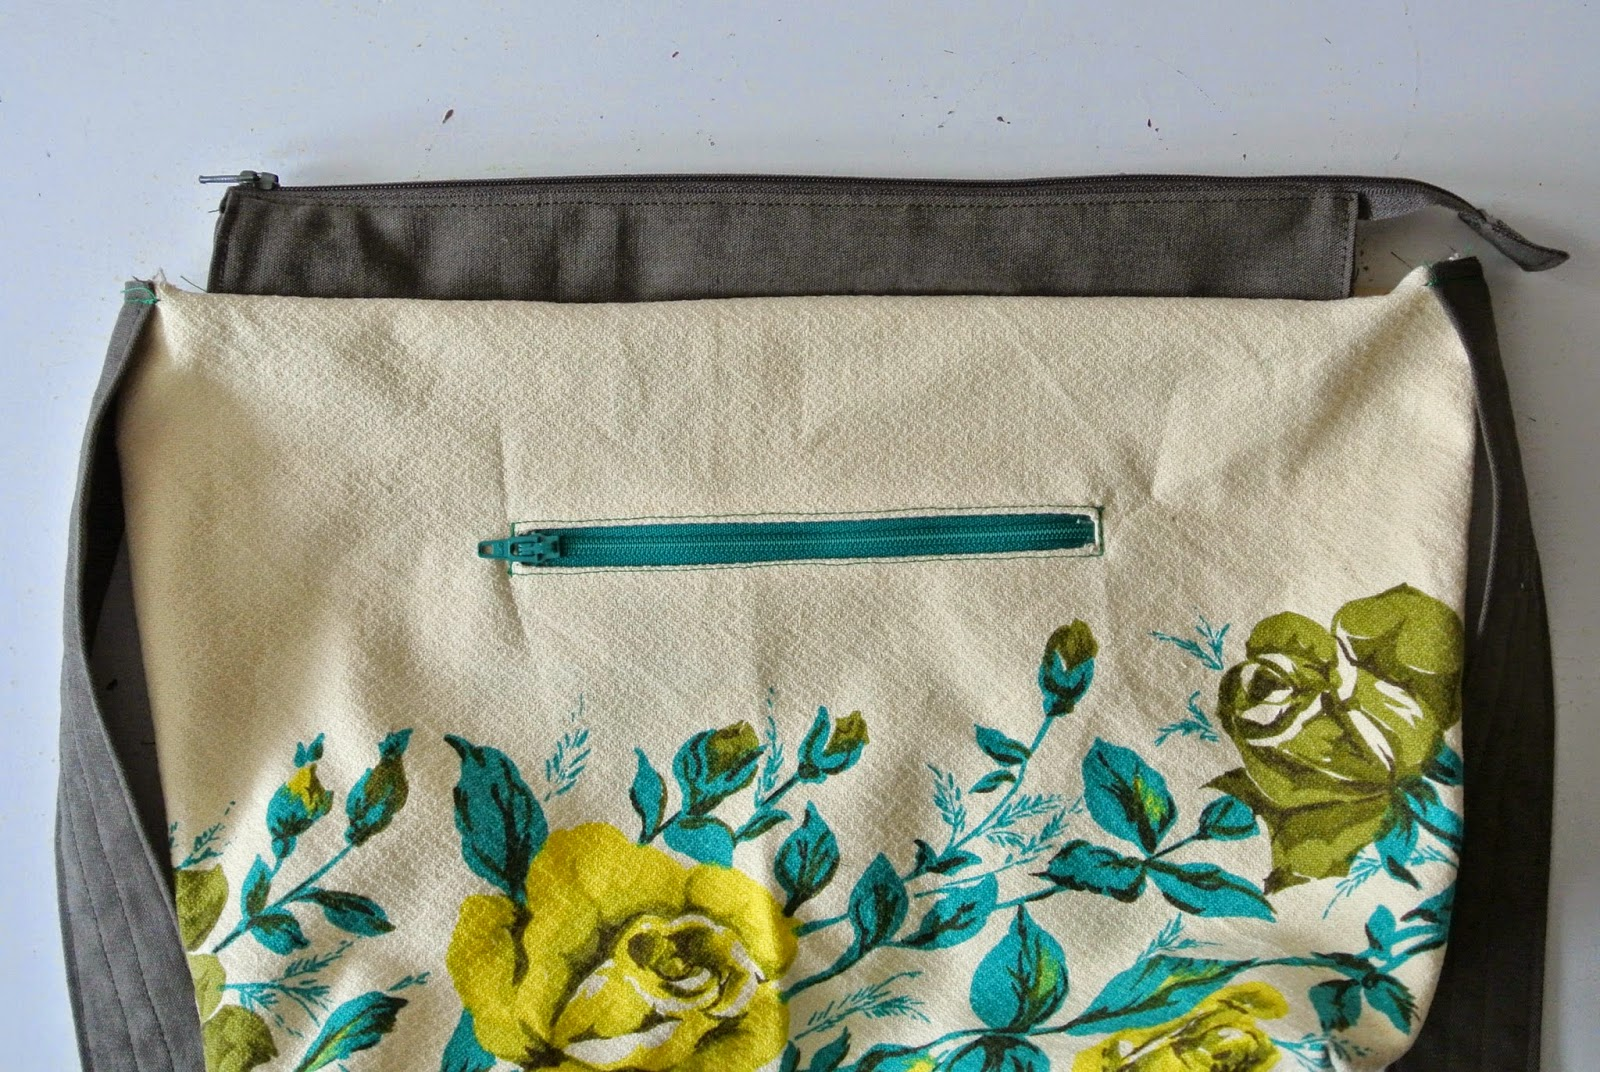 Stoffen tassen maken : Tutorial een rits toevoegen aan je tas sew natural